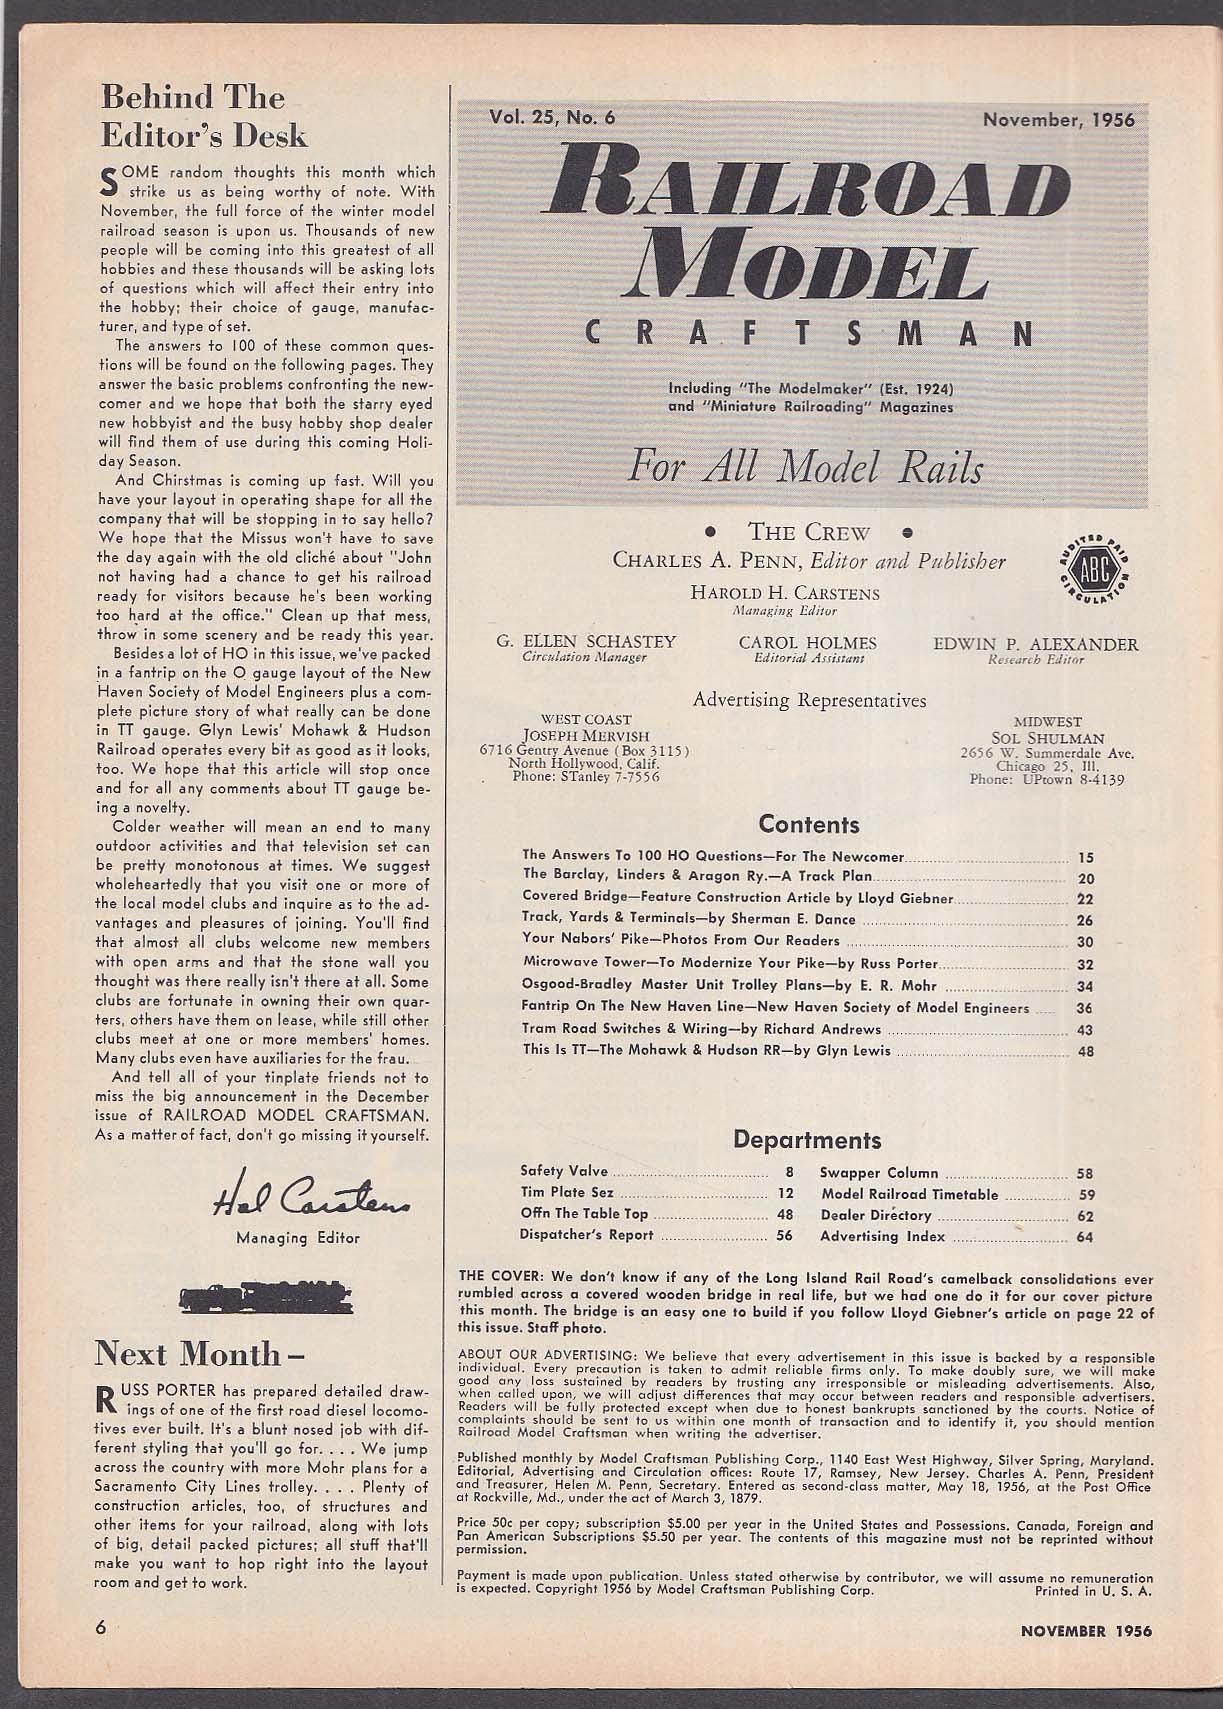 RAILROAD MODEL CRAFTSMAN Giebner Covered Bridge Mohawk & Hudson RR + 11 1956